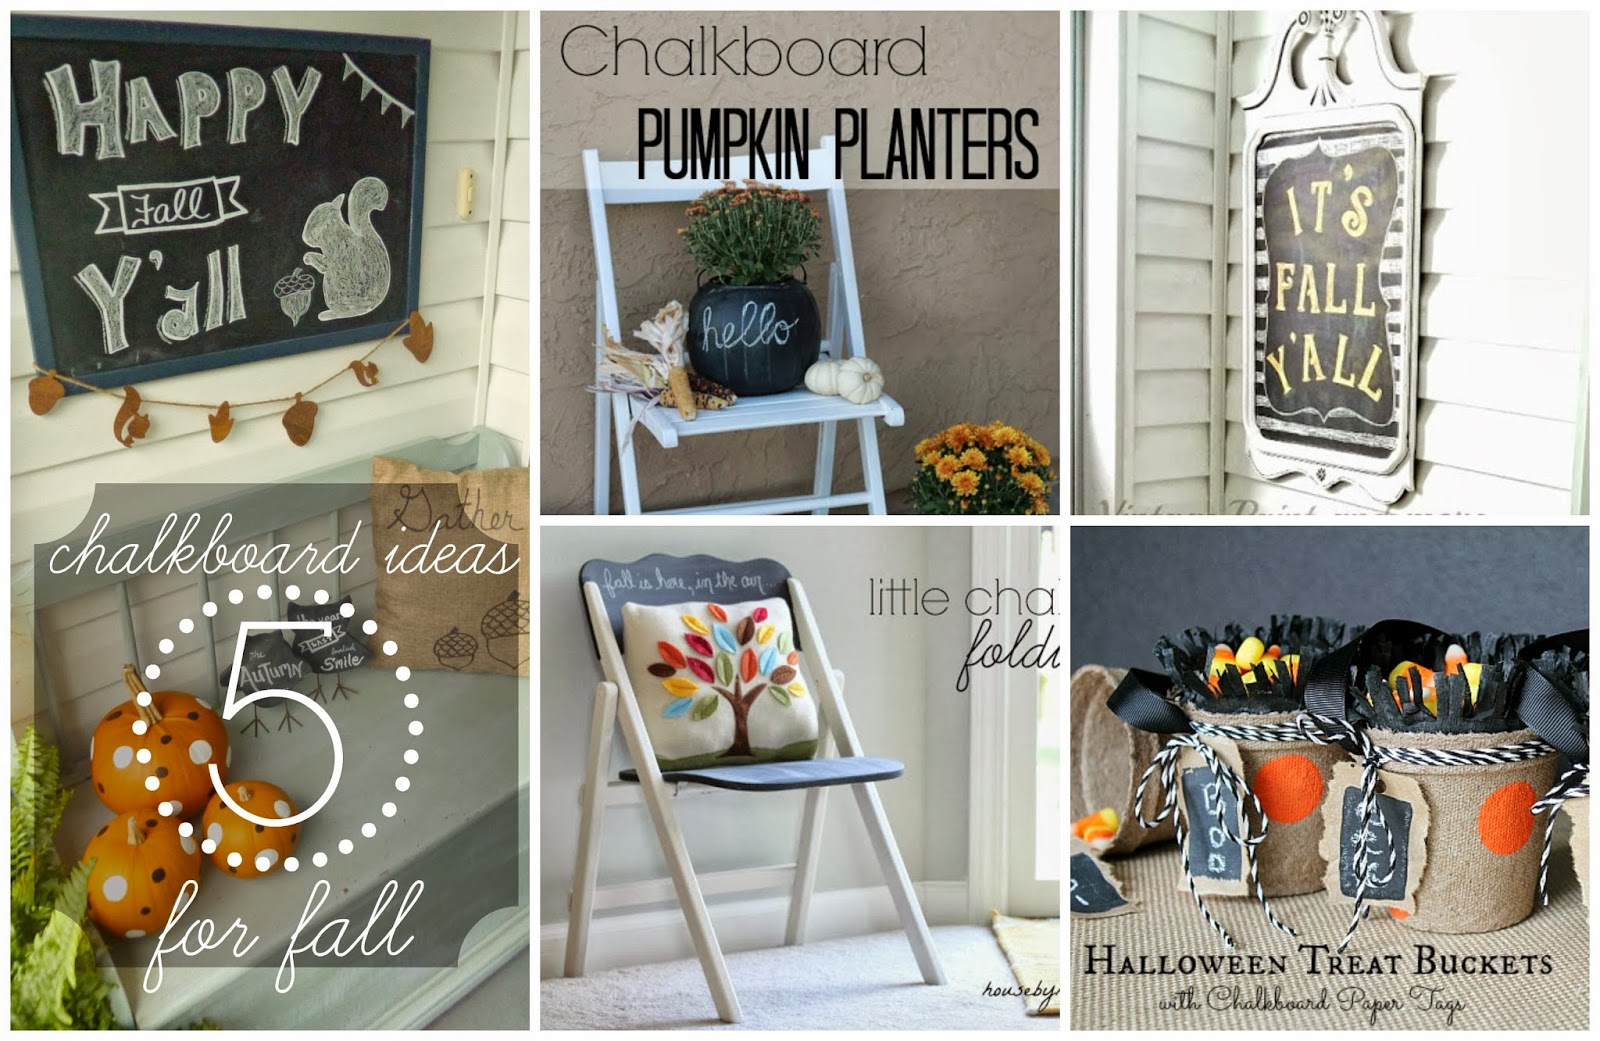 5 Chalkboard Ideas For Fall